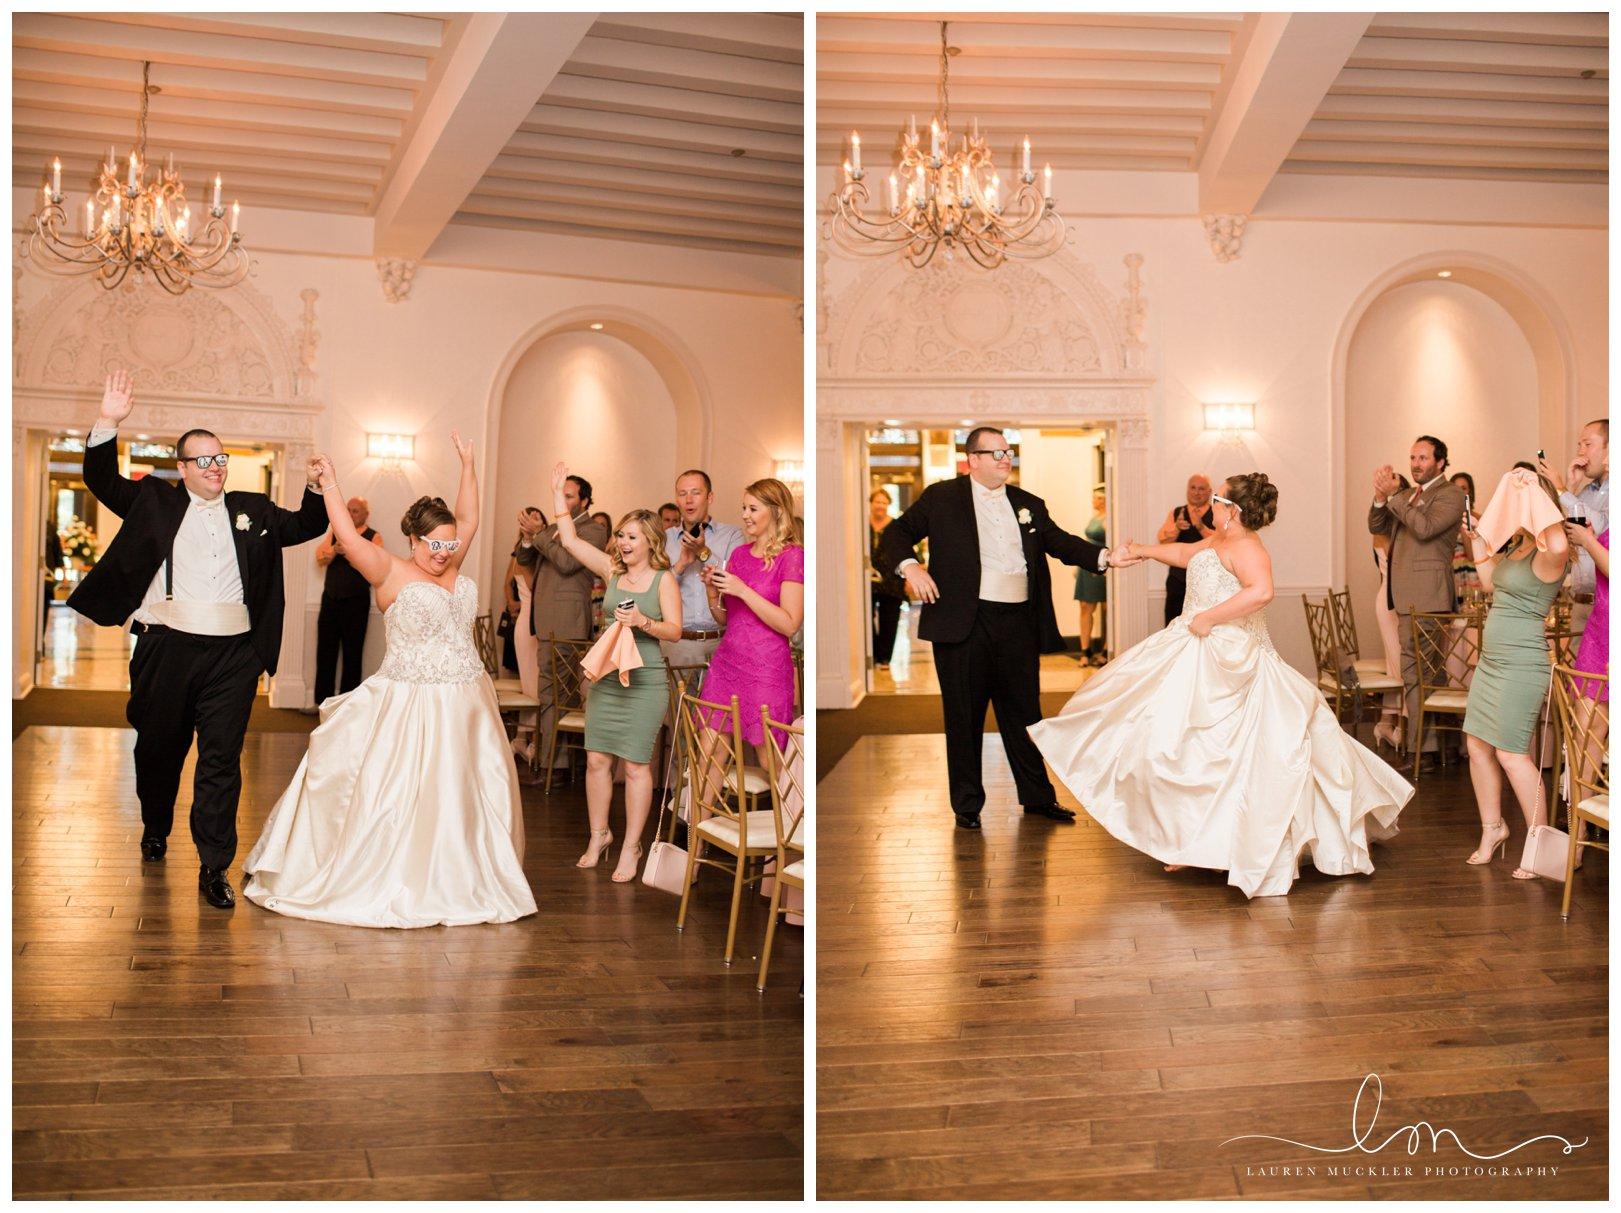 lauren muckler photography_fine art film wedding photography_st louis_photography_0635.jpg